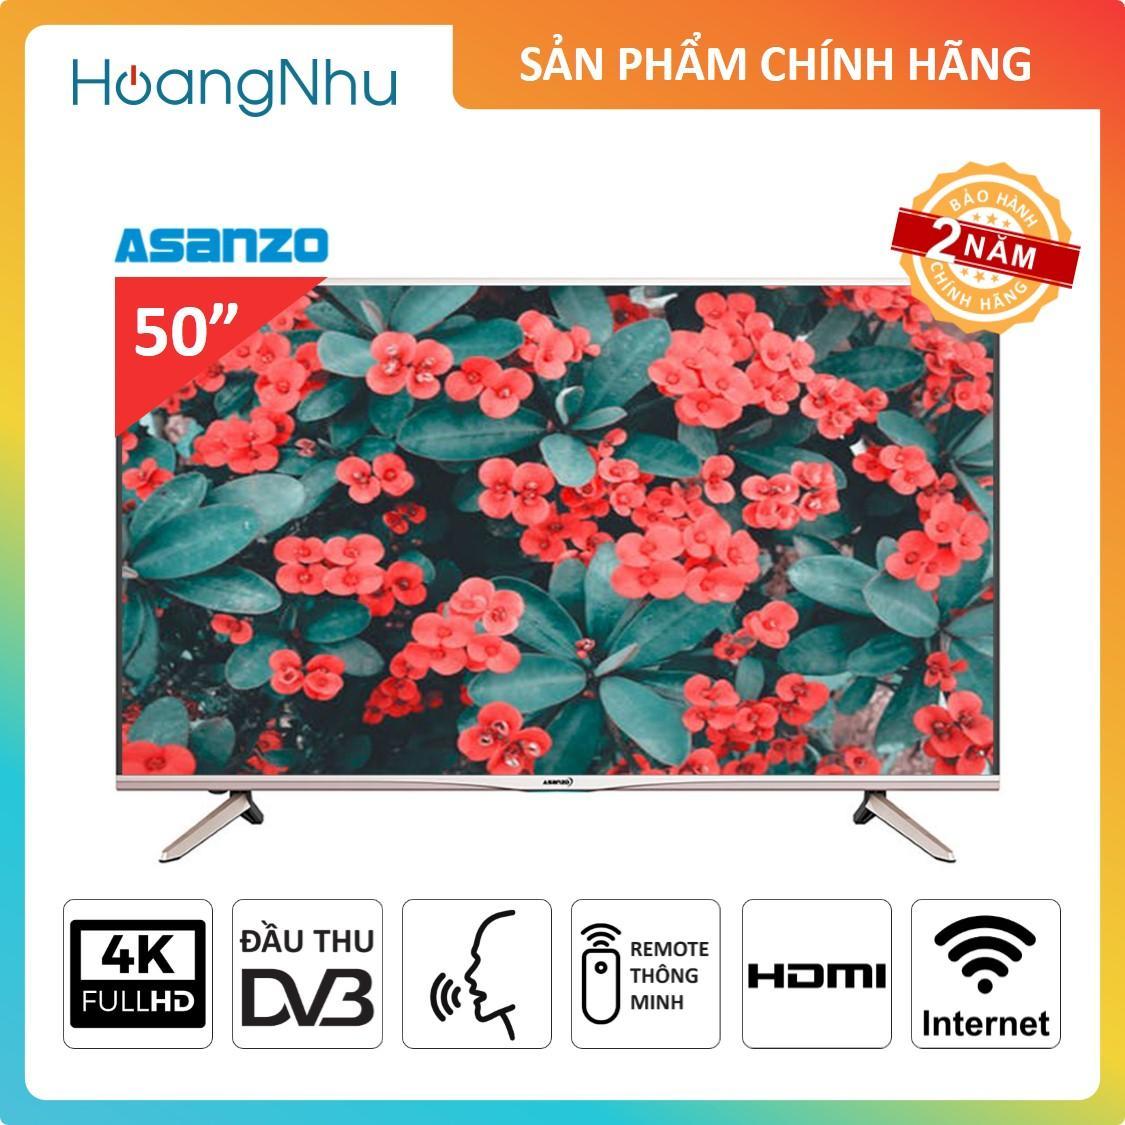 Bảng giá Smart TV 4K Asanzo 50X9 50 inch - ĐK giọng nói (HDH Android 6.0, Wifi, Ultra HD 4K, Truyền hình KTS, tặng Remote thông minh và USB + List nhạc Karaoke 12.000 bài)